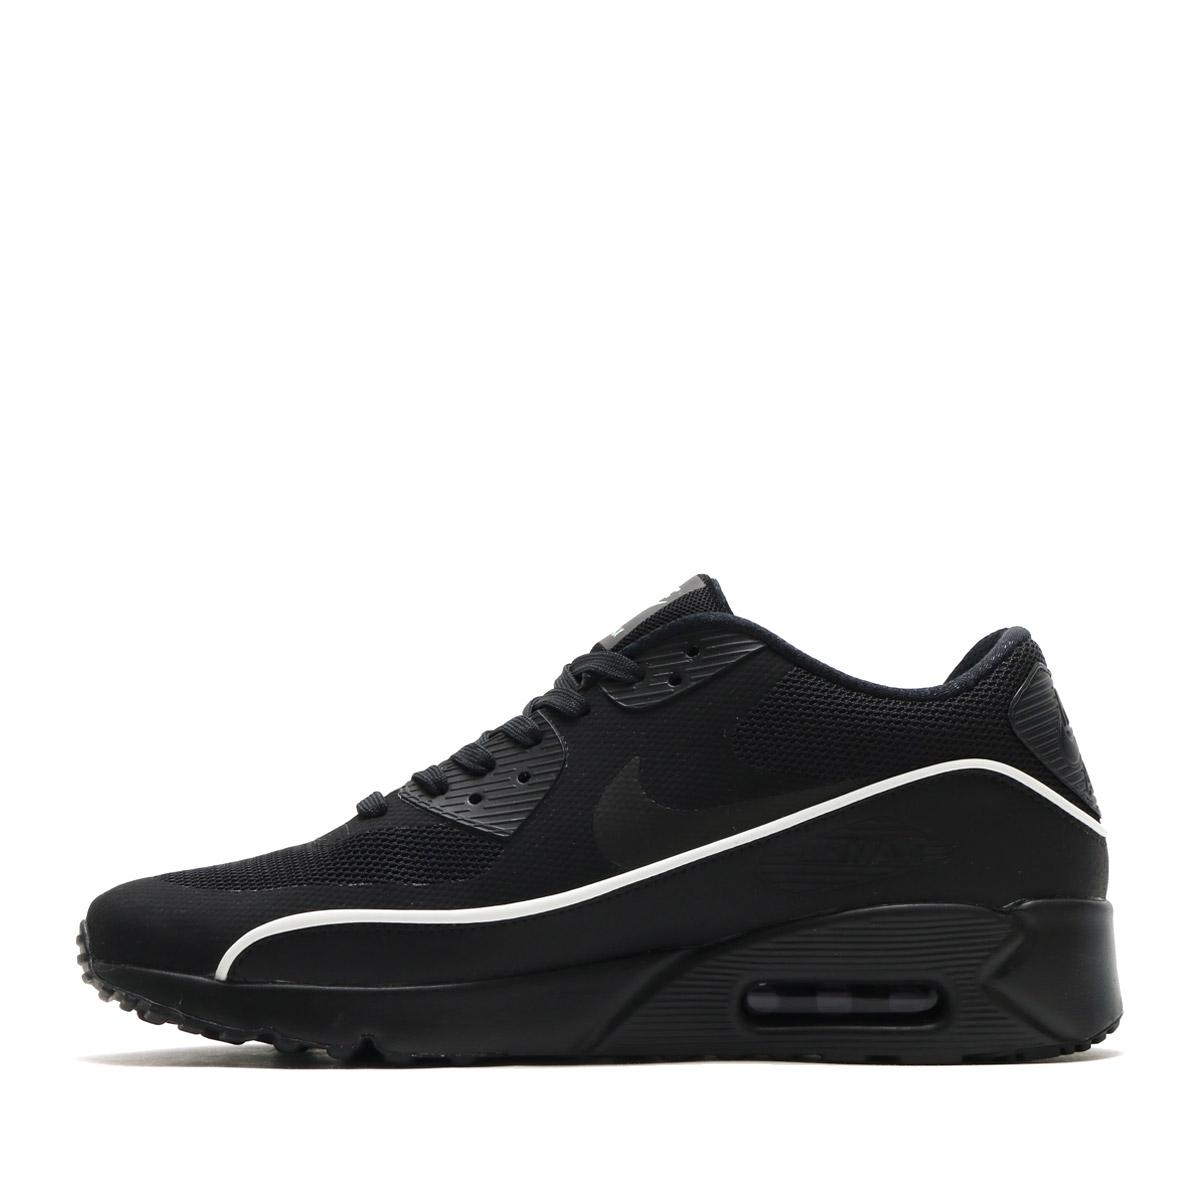 Nike Air Max 90 De Ultra 2.0 Niñas Esenciales De Espuma De Menta Negro FmYFYu